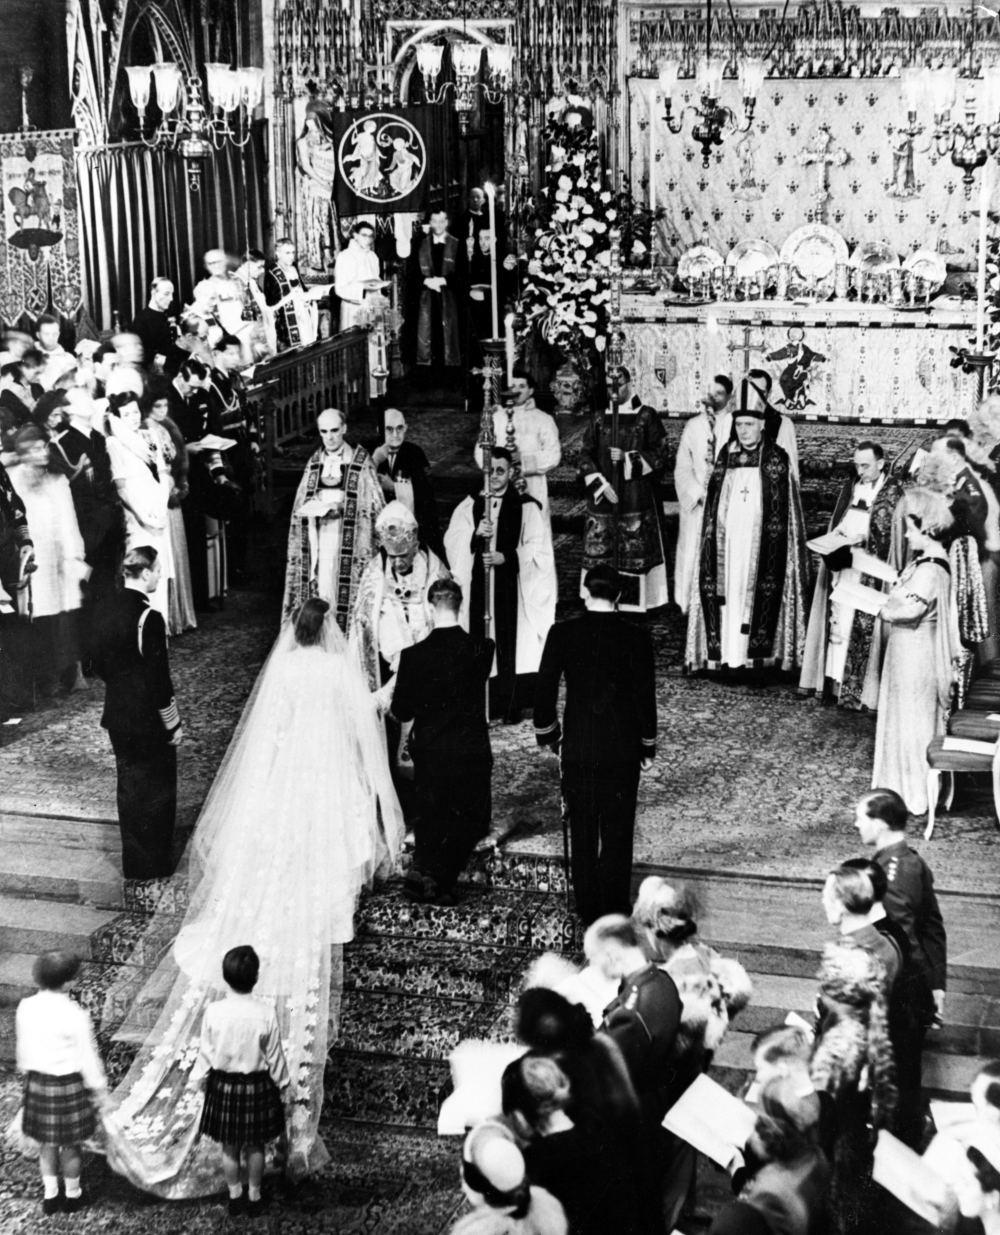 Εικόνα από τους γάμους της Βασίλισσας Ελισάβετ με τον πρίγκιπα Φίλιππο στο Αβαείο του Γουεστμίνιστερ σαν σήμερα πριν από 72 χρόνια